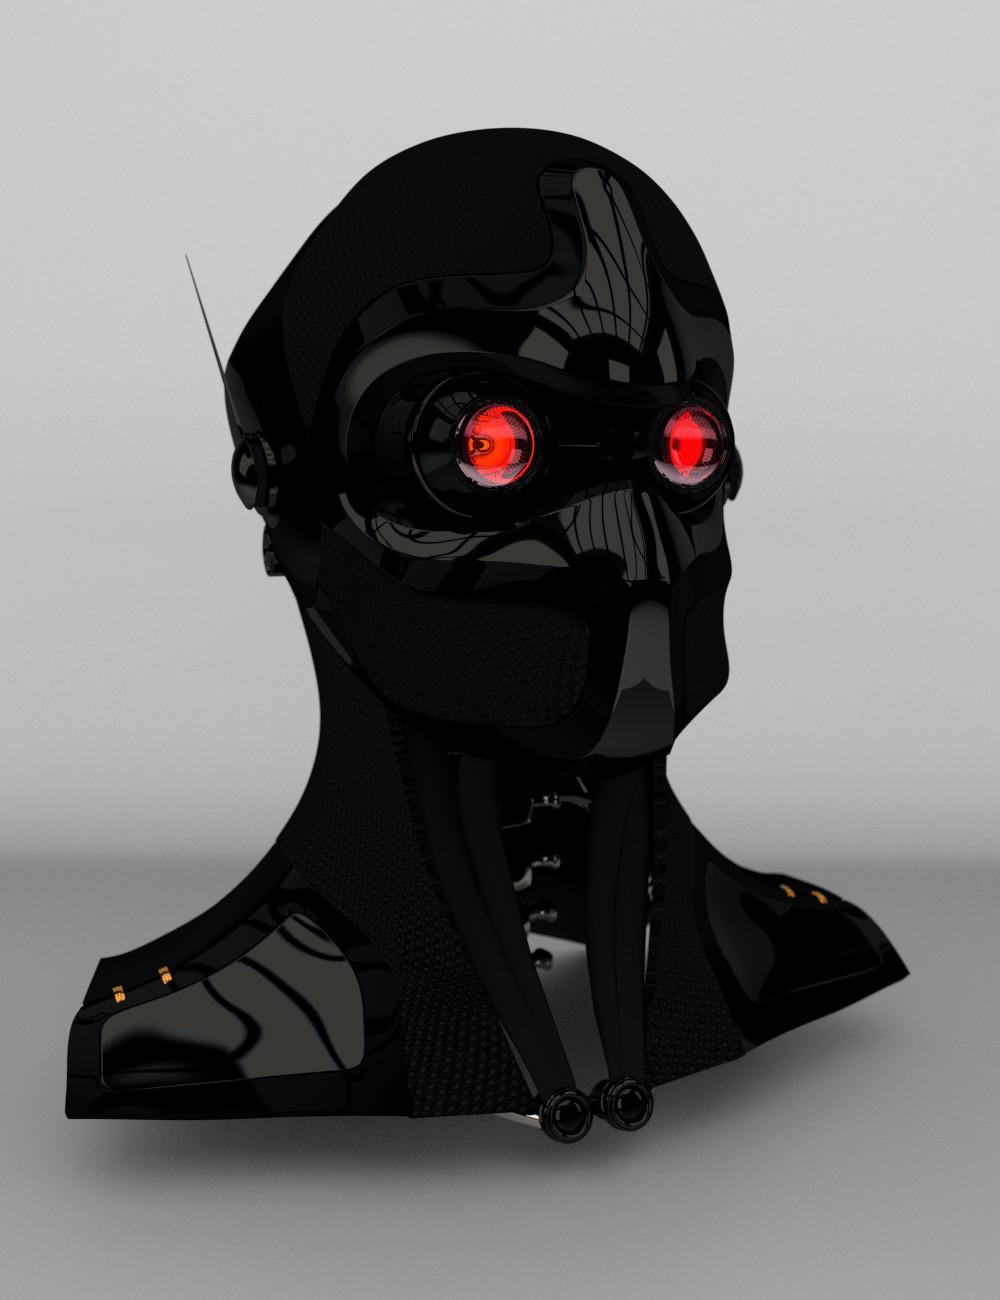 Surveillance Droid